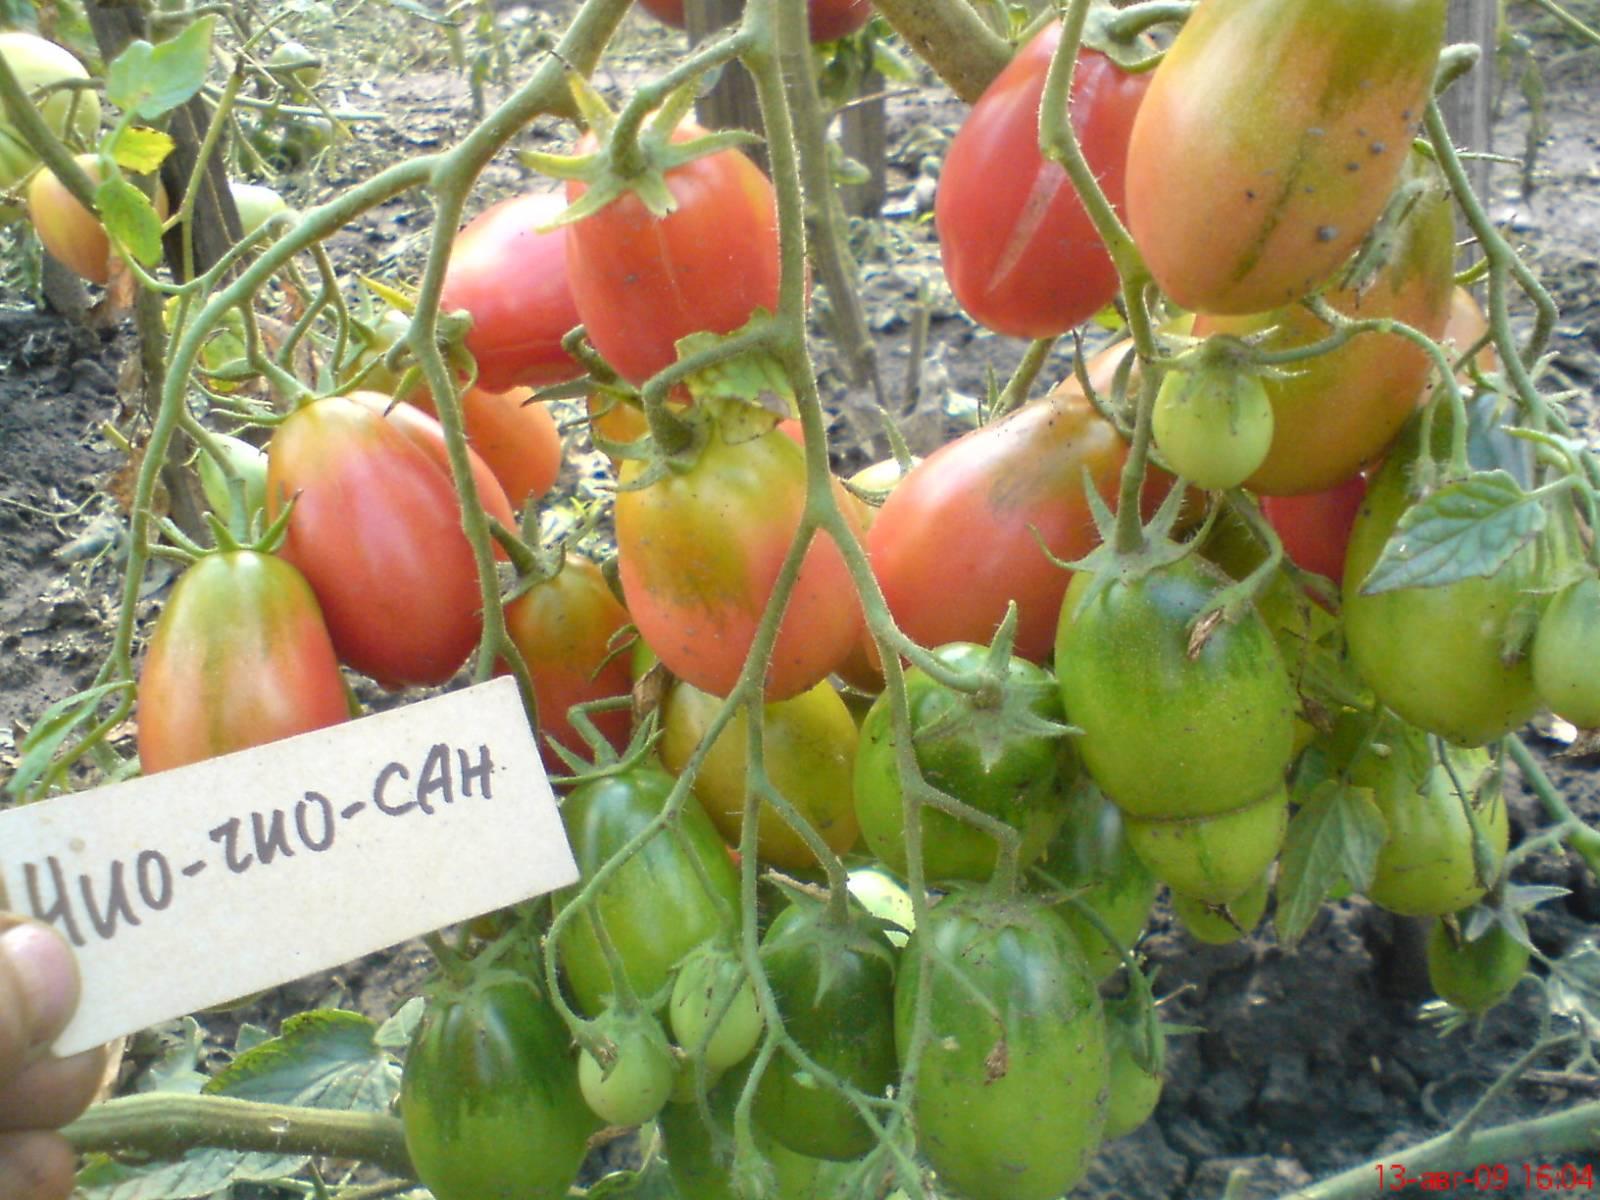 Томат чио-чио-сан – характеристика и описание сорта, фото, урожайность, отзывы, видео